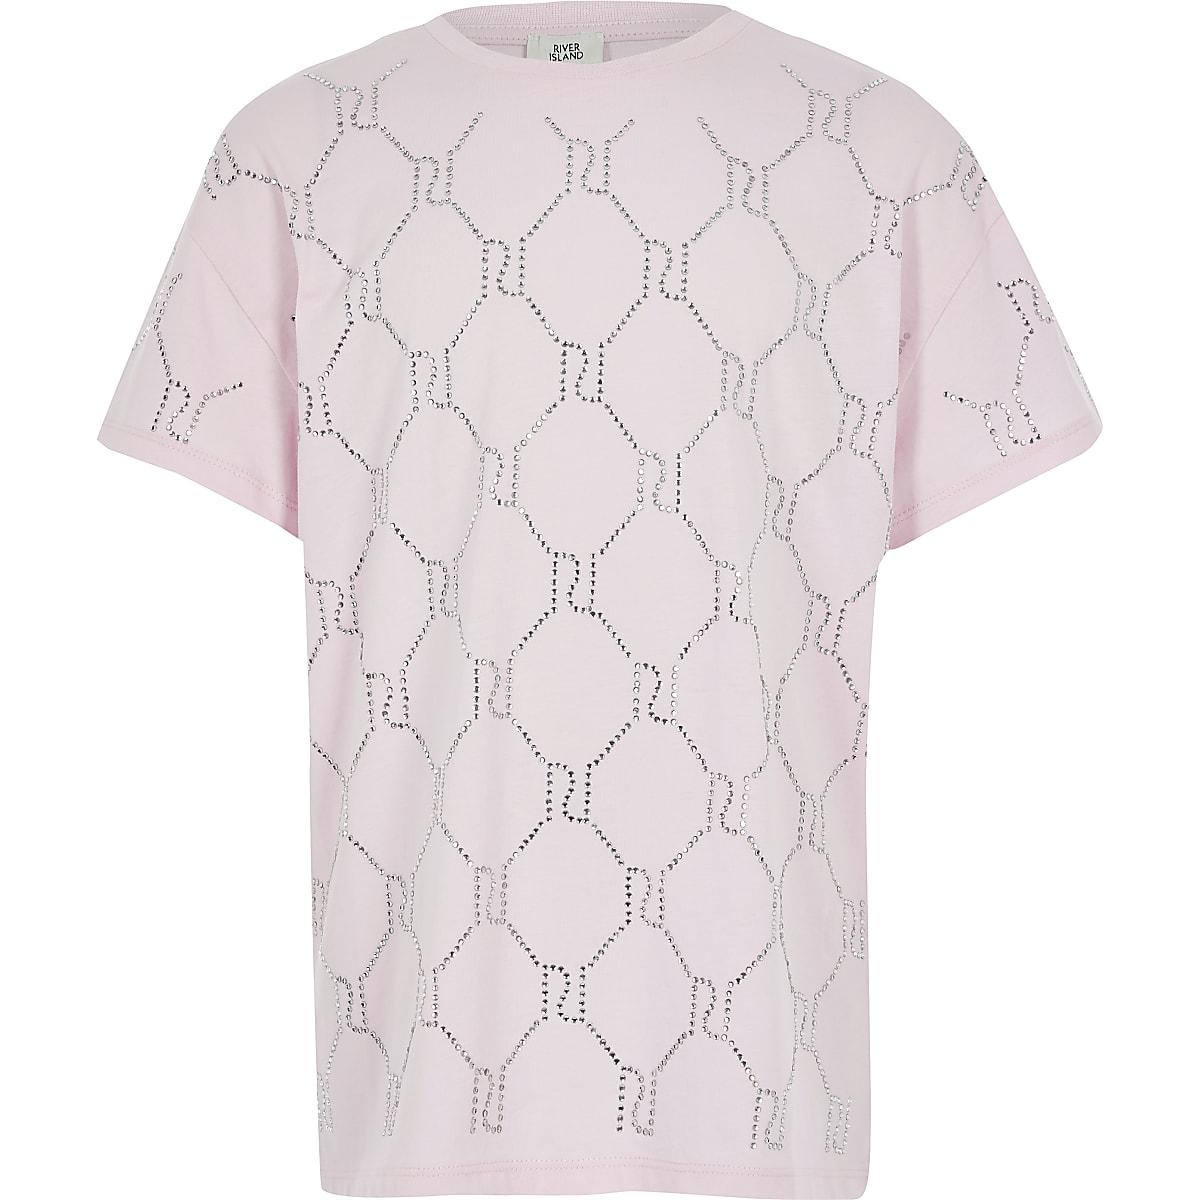 Roze T-shirt met RI-monogram siersteentjes voor meisjes